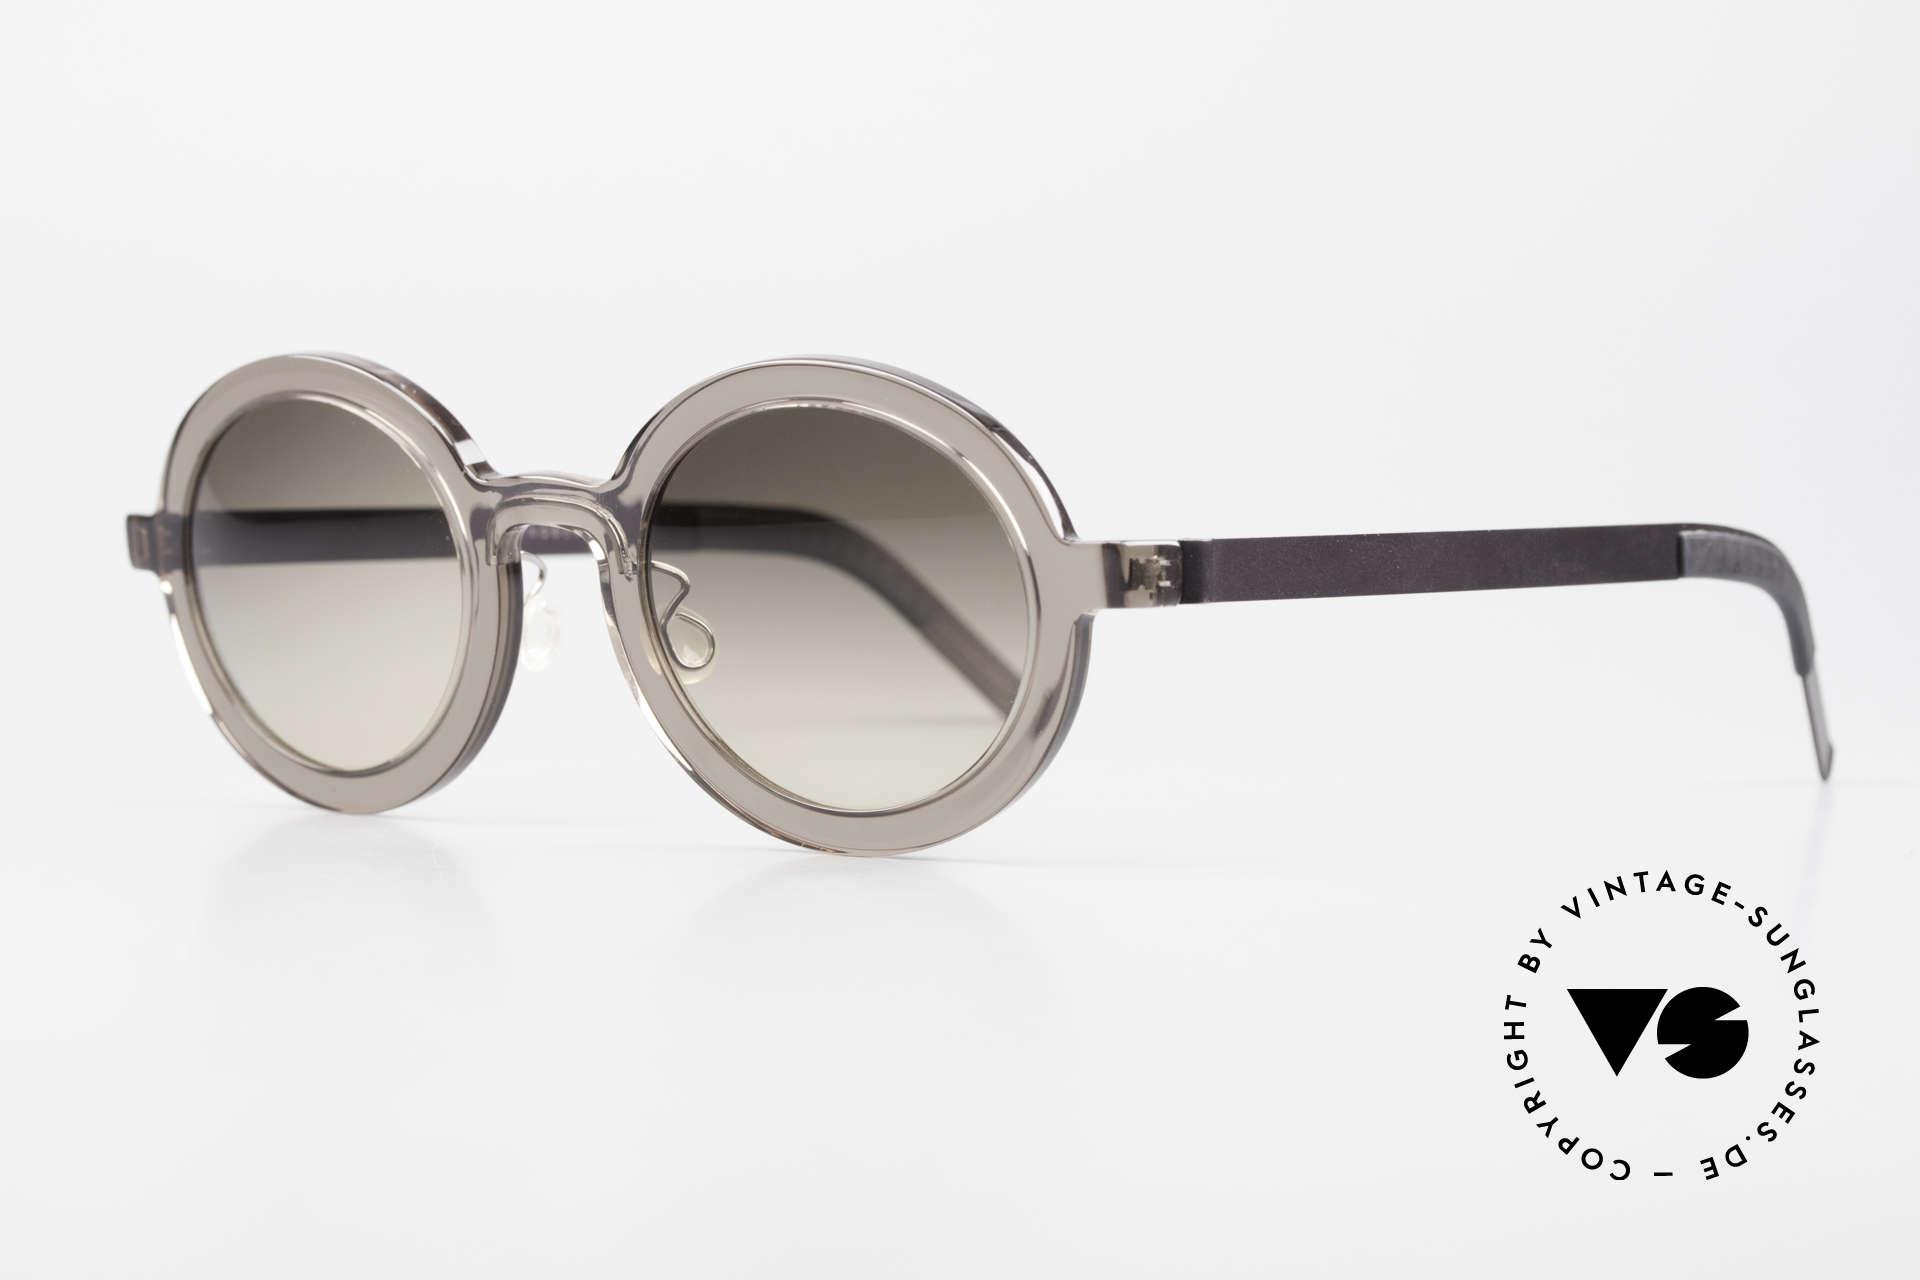 Lindberg 8570 Acetanium Oval Runde Sonnenbrille Unisex, vielfach ausgezeichnet hinsichtlich Qualität und Design, Passend für Herren und Damen